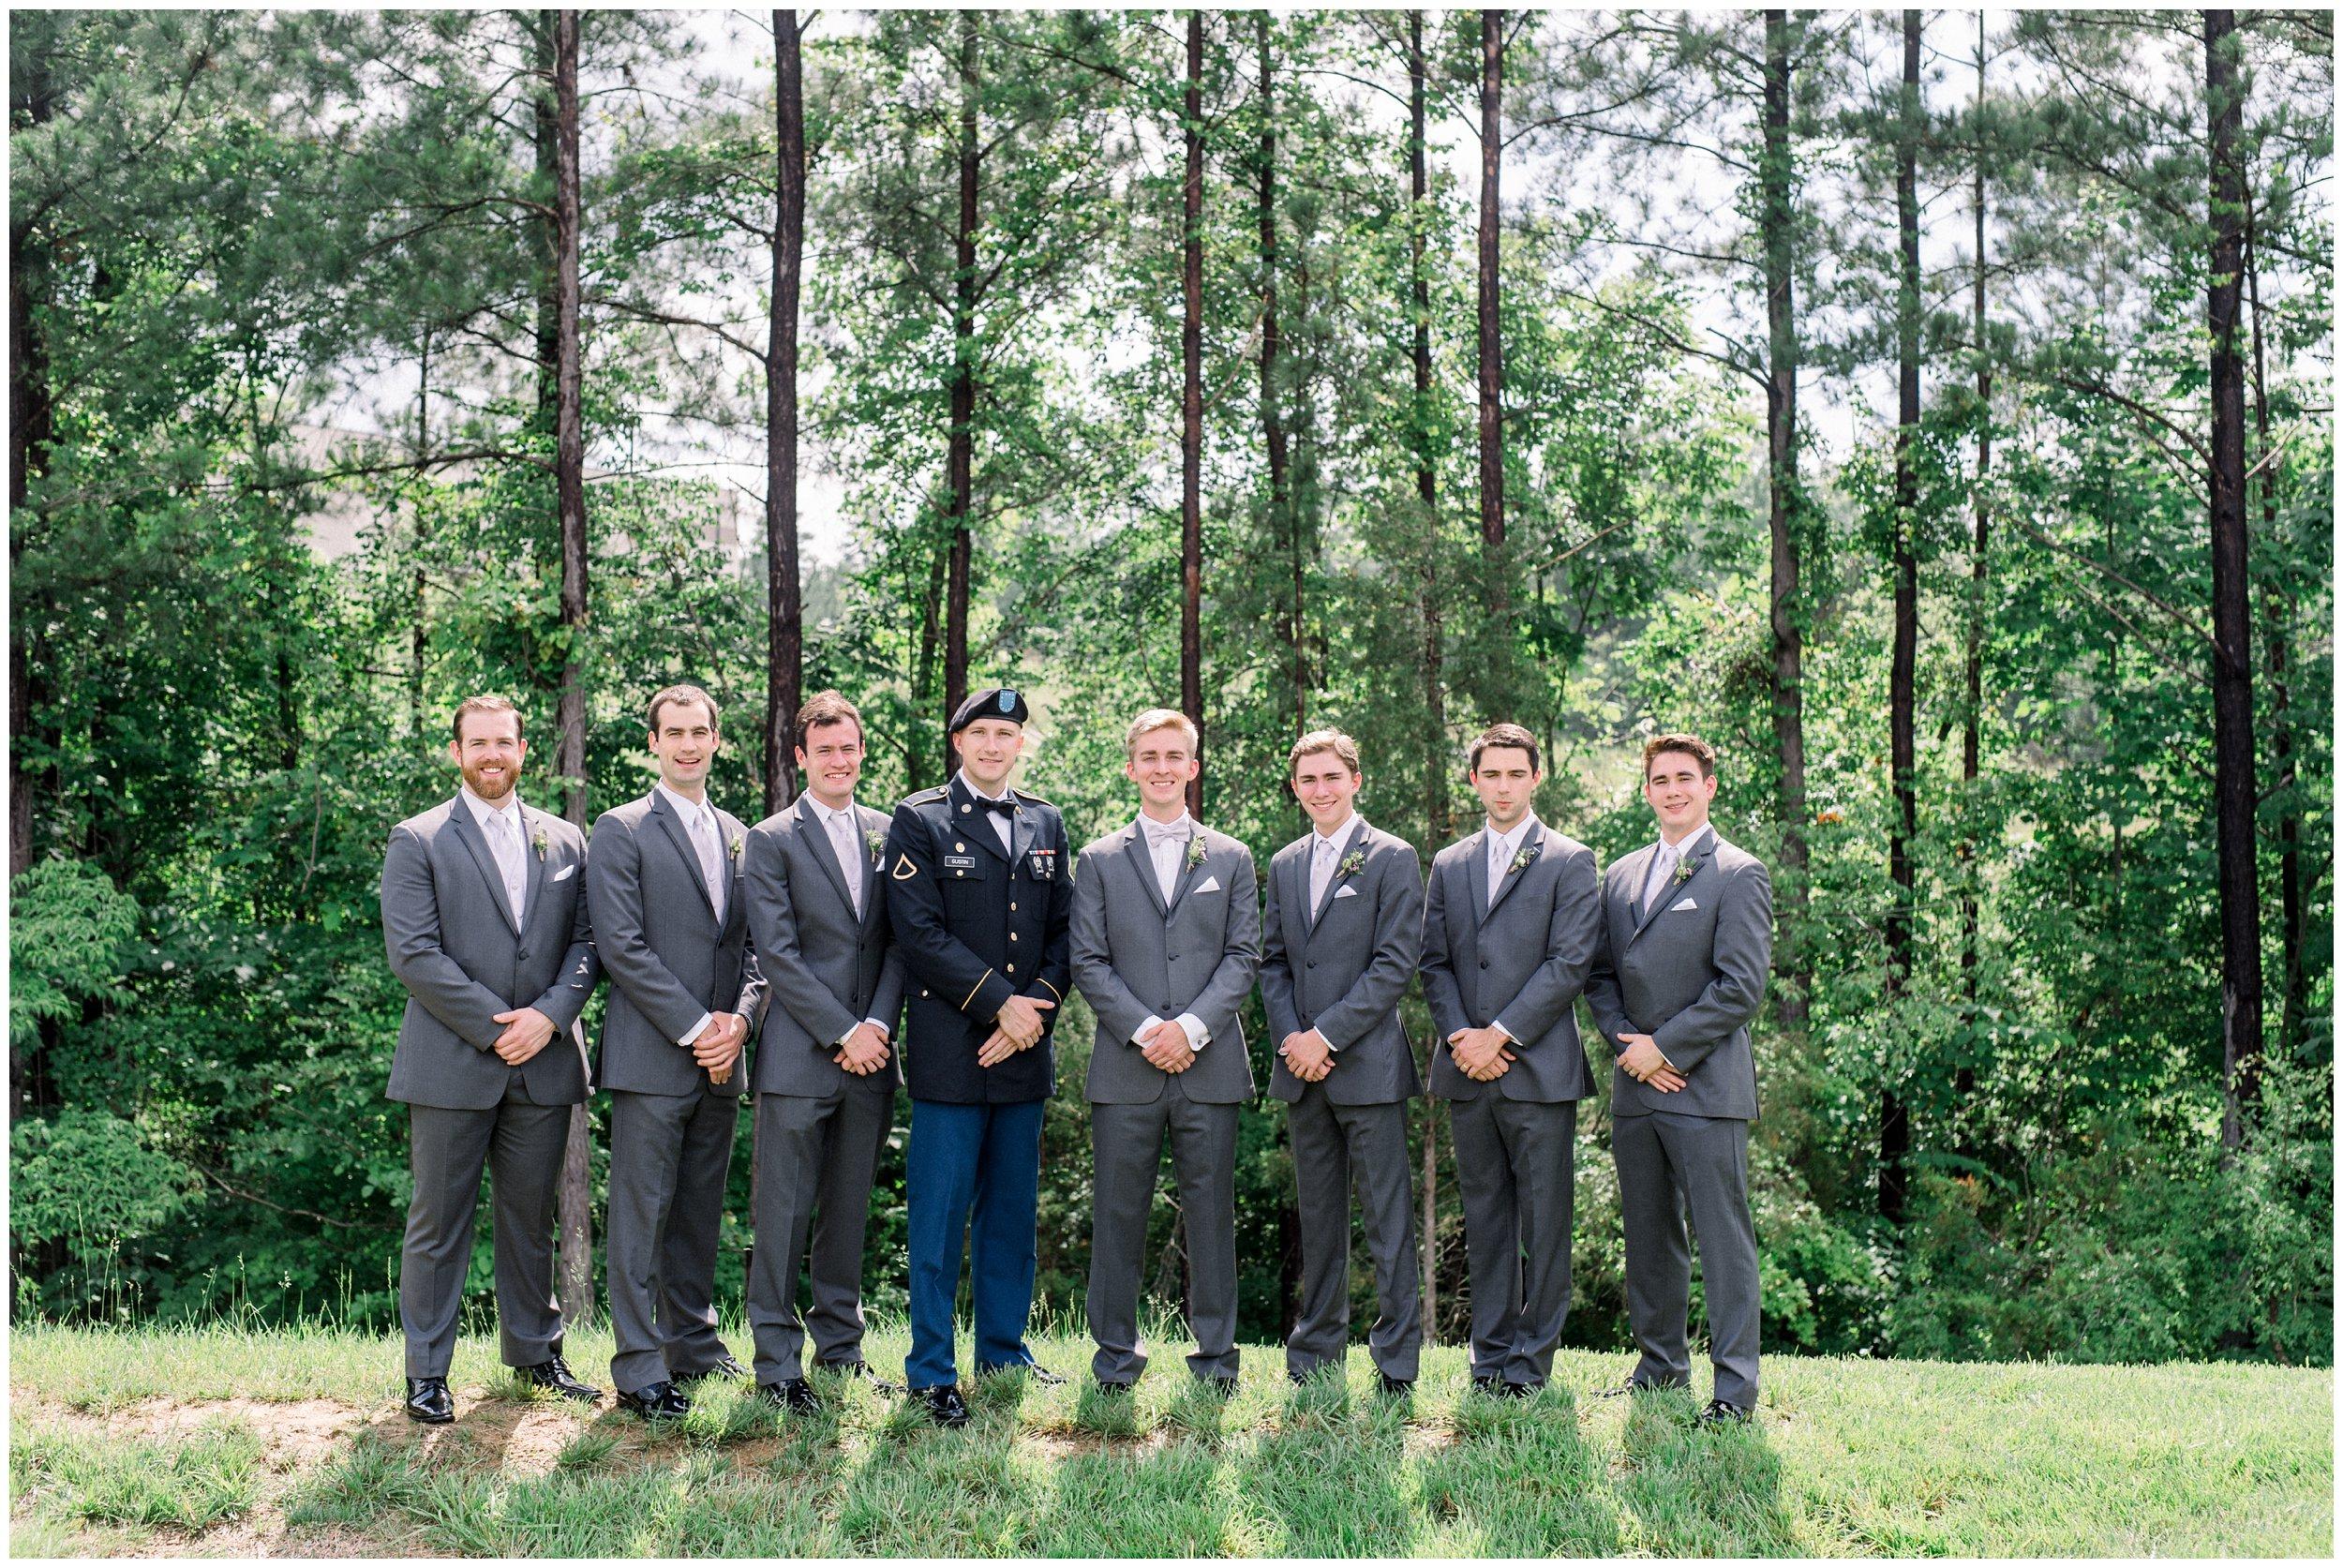 groom with groomsmen before wedding